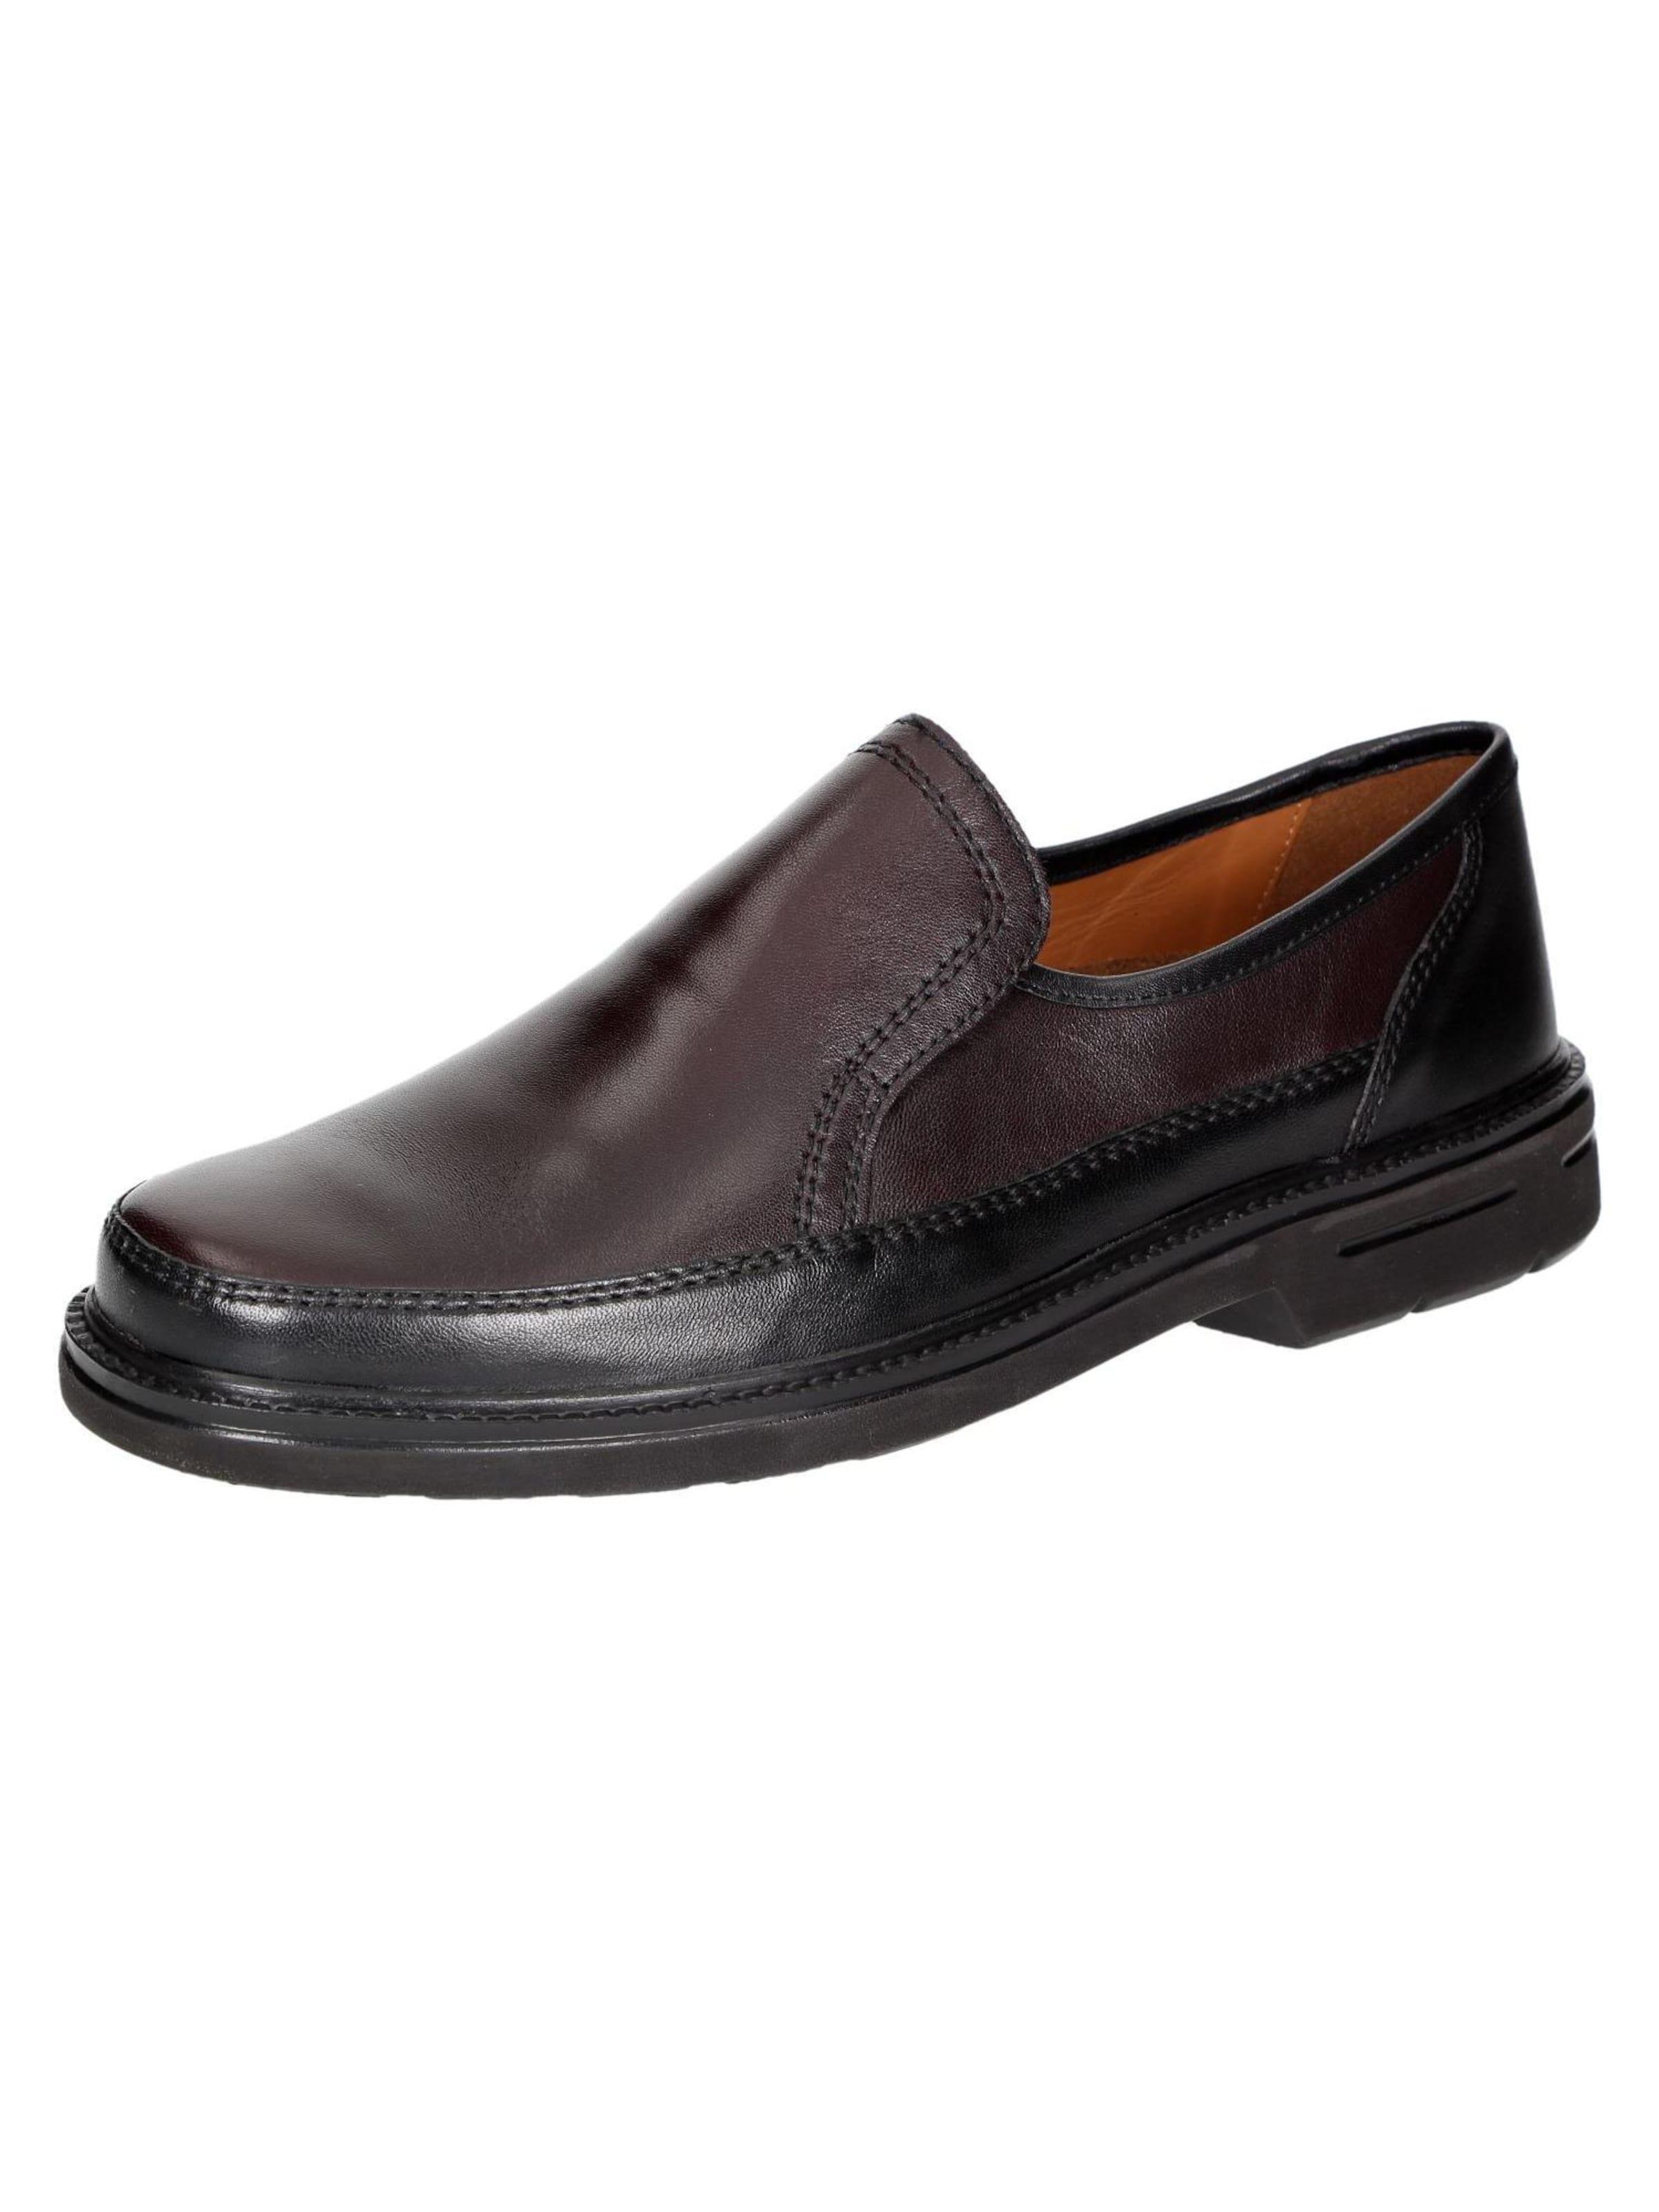 SIOUX Slipper Michael Verschleißfeste Verschleißfeste Michael billige Schuhe bcaf47